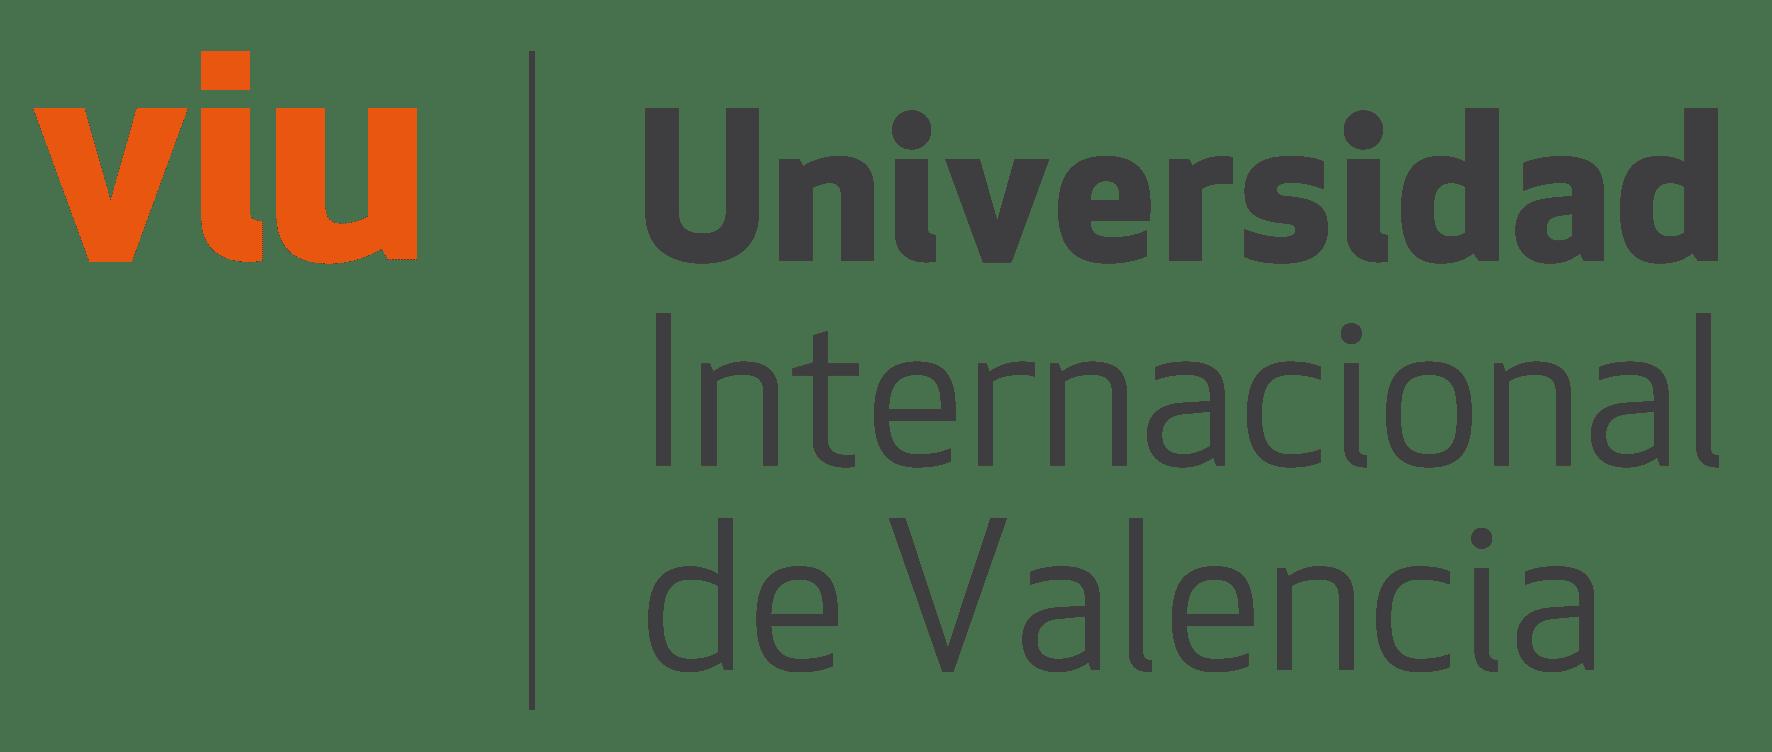 universidad-internacional-de-valencia